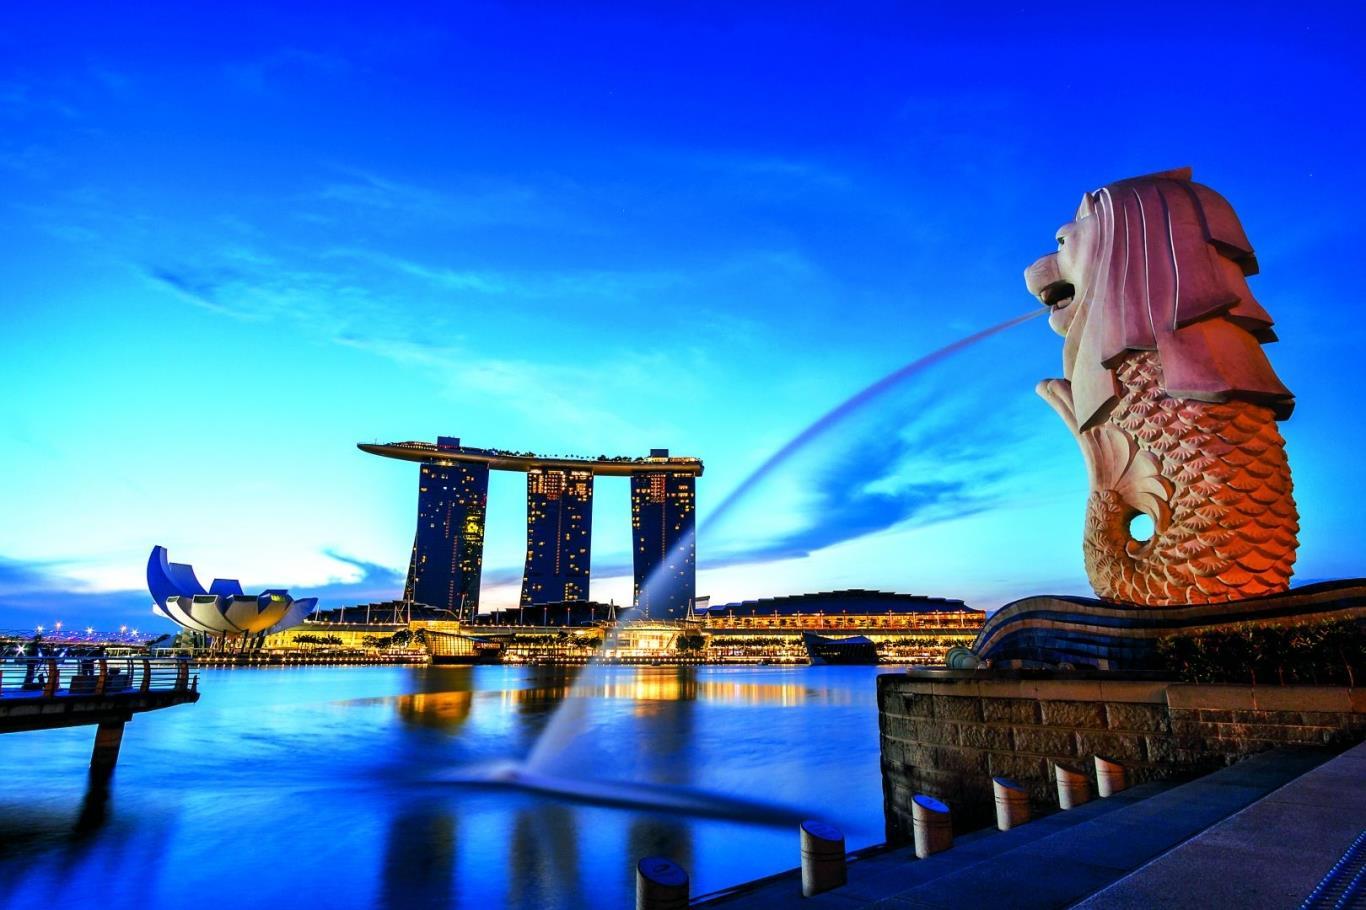 Du lịch Singapore - Chá»n tour du lịch Singapore thá»i gian nà o thÃch hợp?